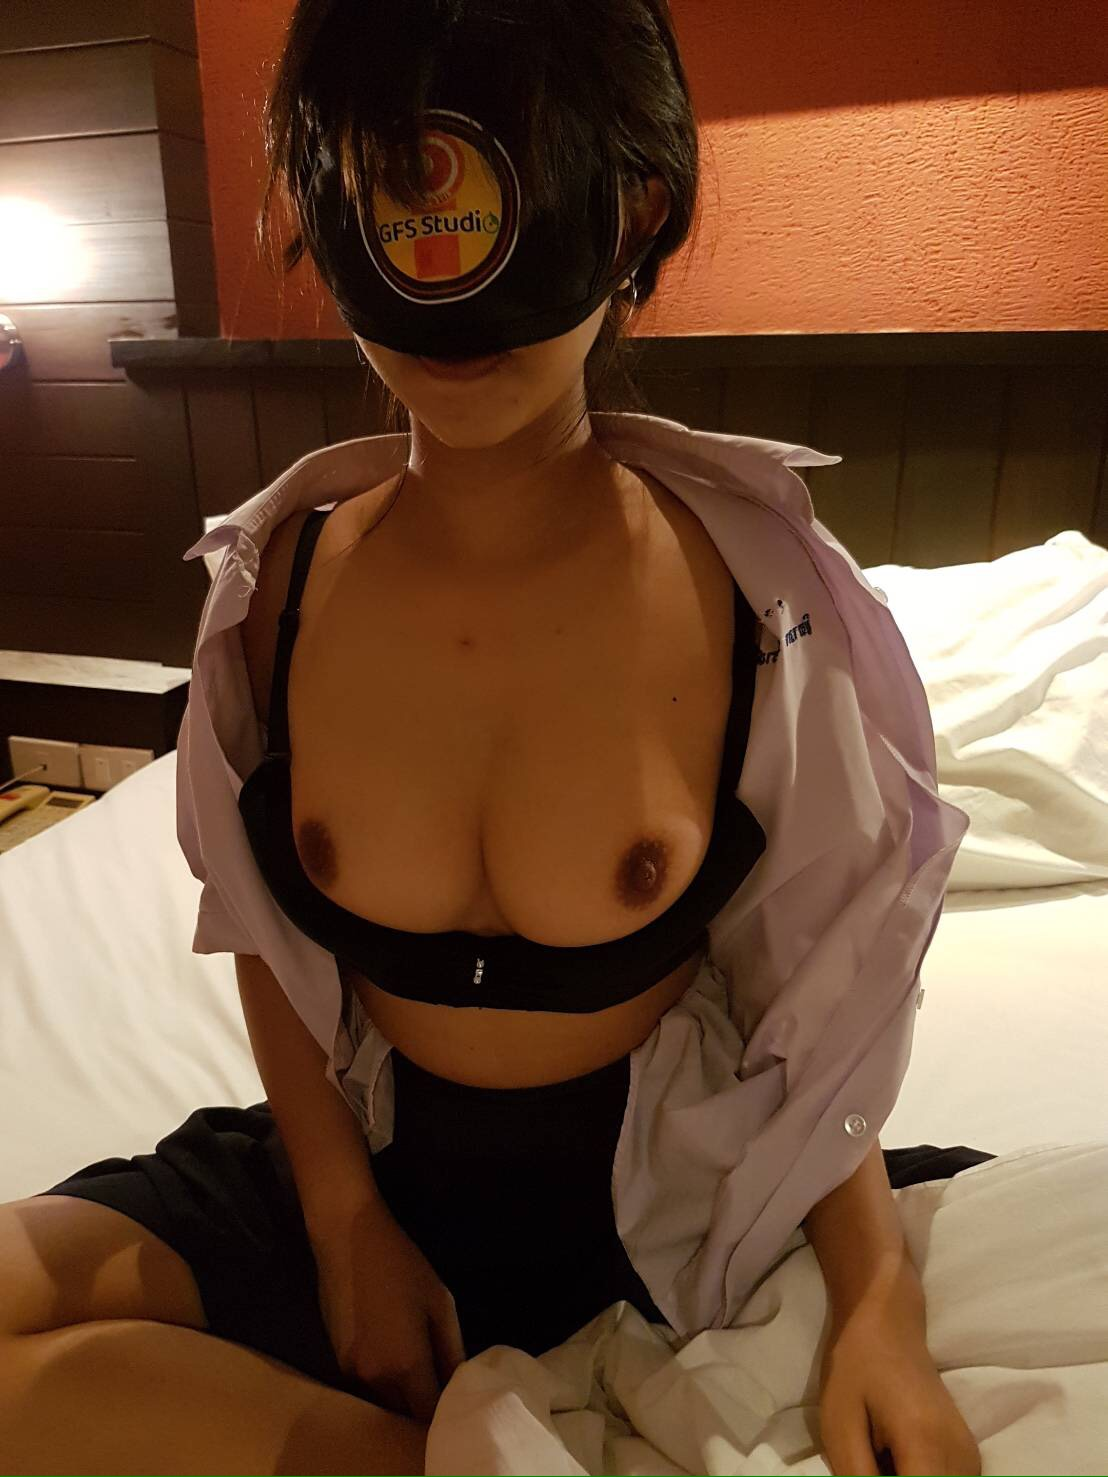 Porn XXX Thai คลิปแจ้งเกิดเรื่องแรกของ นักเรียนชุดมอปลาย เซ็กซี่ระดับตำนาน โชว์หน้าอกผ่านสื่อ RO89